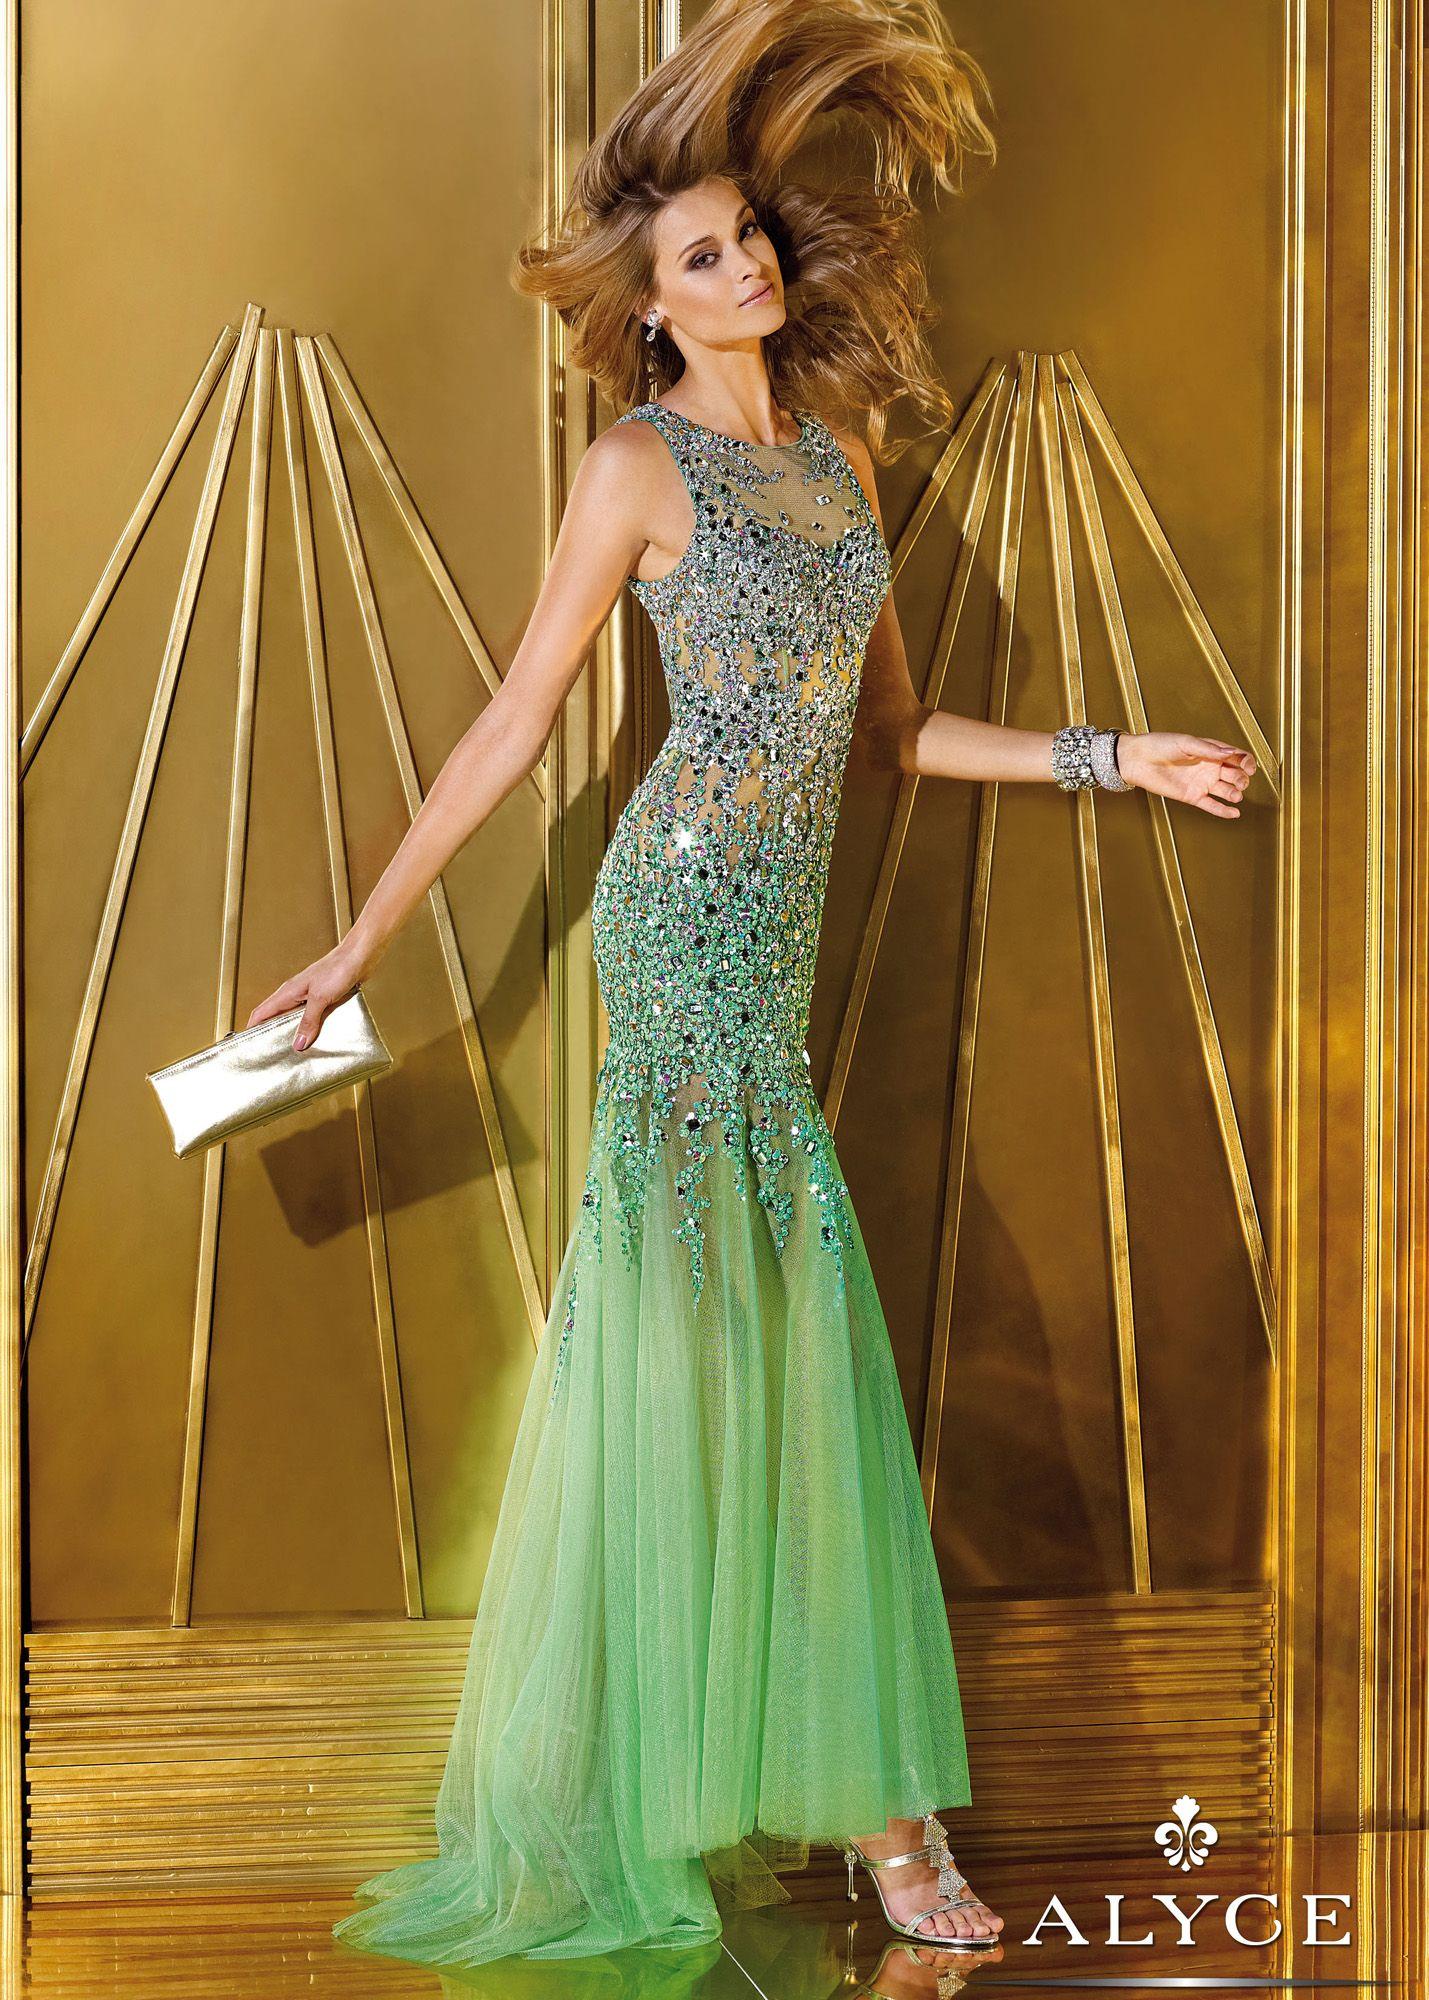 Alyce prom absinthe sheer beaded mermaid prom dresses online